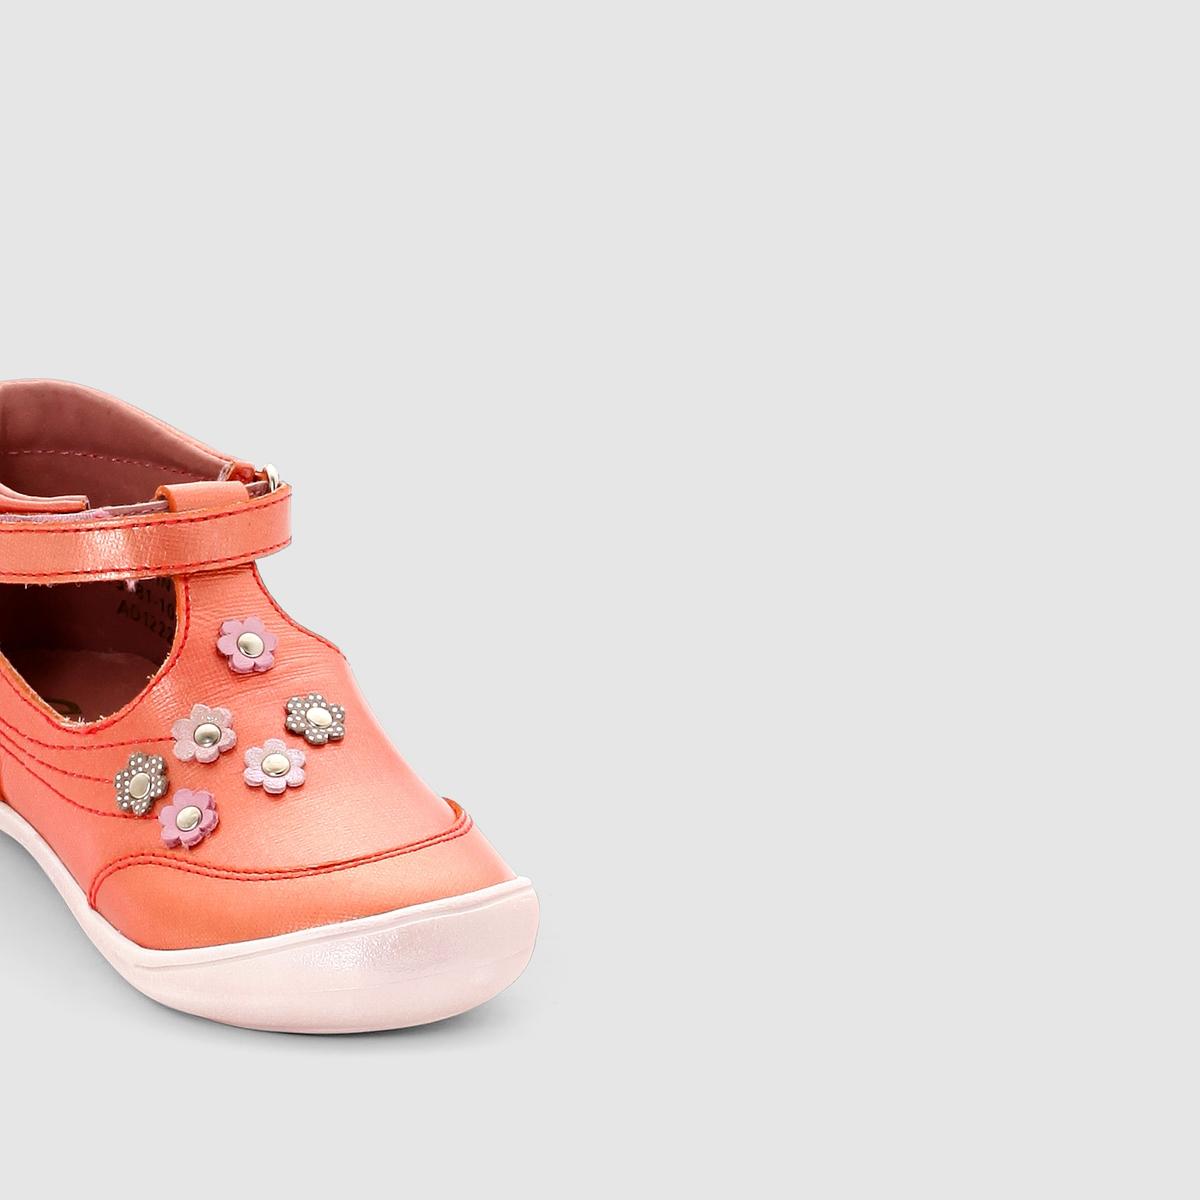 Сандалии MATILDEЗакрытые сандалии из кожи с ремешком на планке-велкро MATILDE марки Aster        Верх : Яловичная кожа      Подкладка : невыделанная кожа     Стелька : невыделанная кожа     Подошва : термоэластопласт     Застежка : ремешок с планкой-велкро Знаменитая французская марка Aster подарила нескольким поколениям маленьких ног комфорт, качество, подлинность… И это еще не все достоинства этих потрясающих закрытых сандалий из мягкой кожи  . Сандалии прекрасно надеваются благодаря эргономичному покрою и планке-велкро, позволяющей идеально отрегулировать обувь по ноге.<br><br>Цвет: коралловый